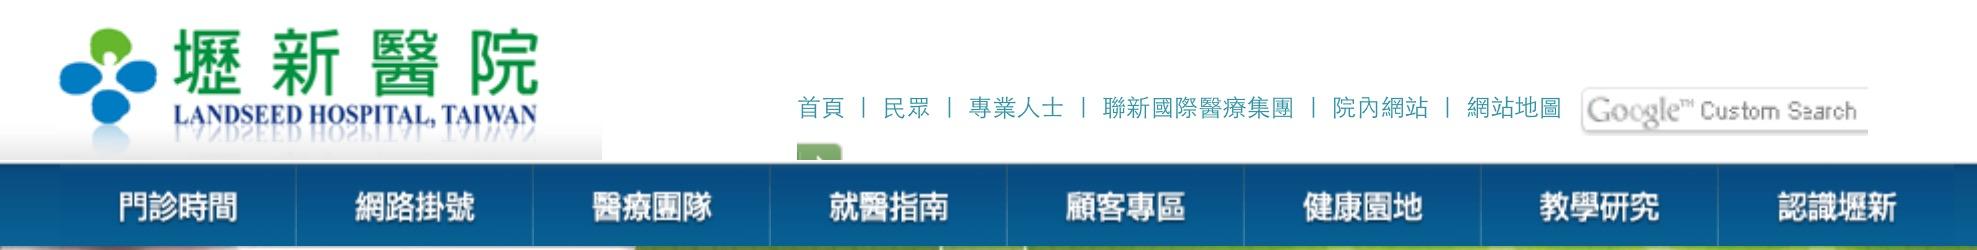 20140724壢新醫院藥局